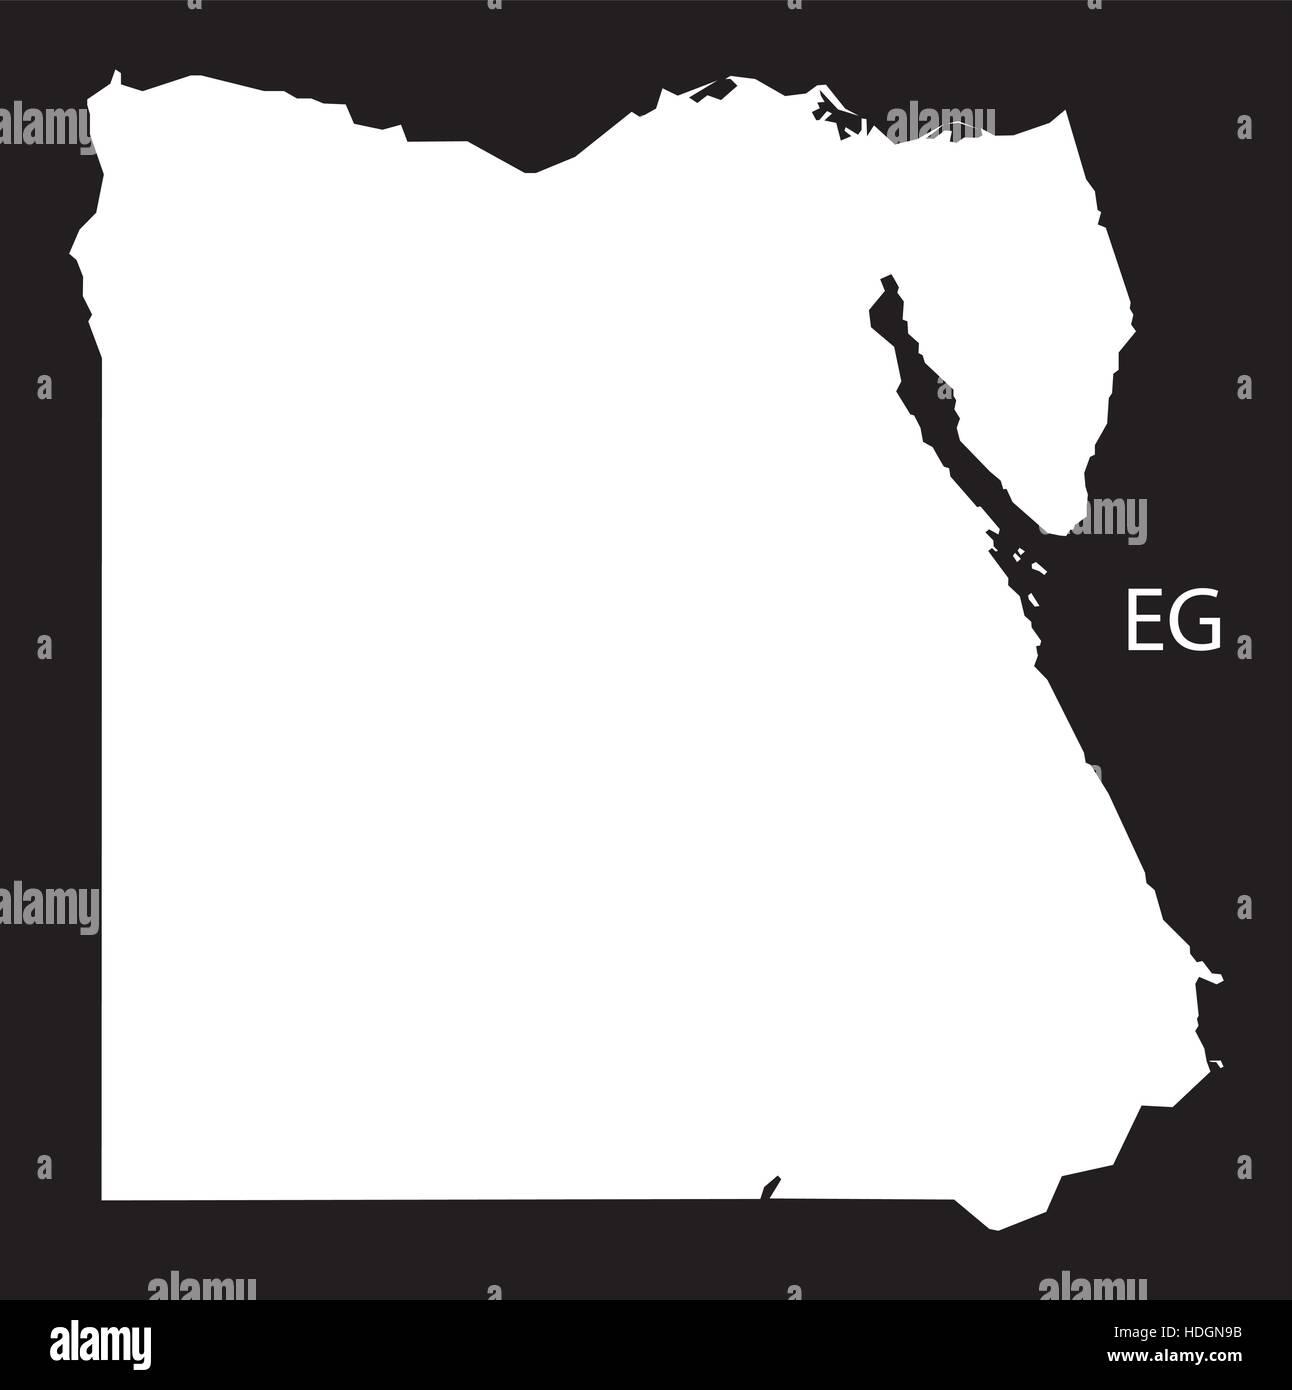 Worksheet. Egypt Map black and white illustration Stock Vector Art